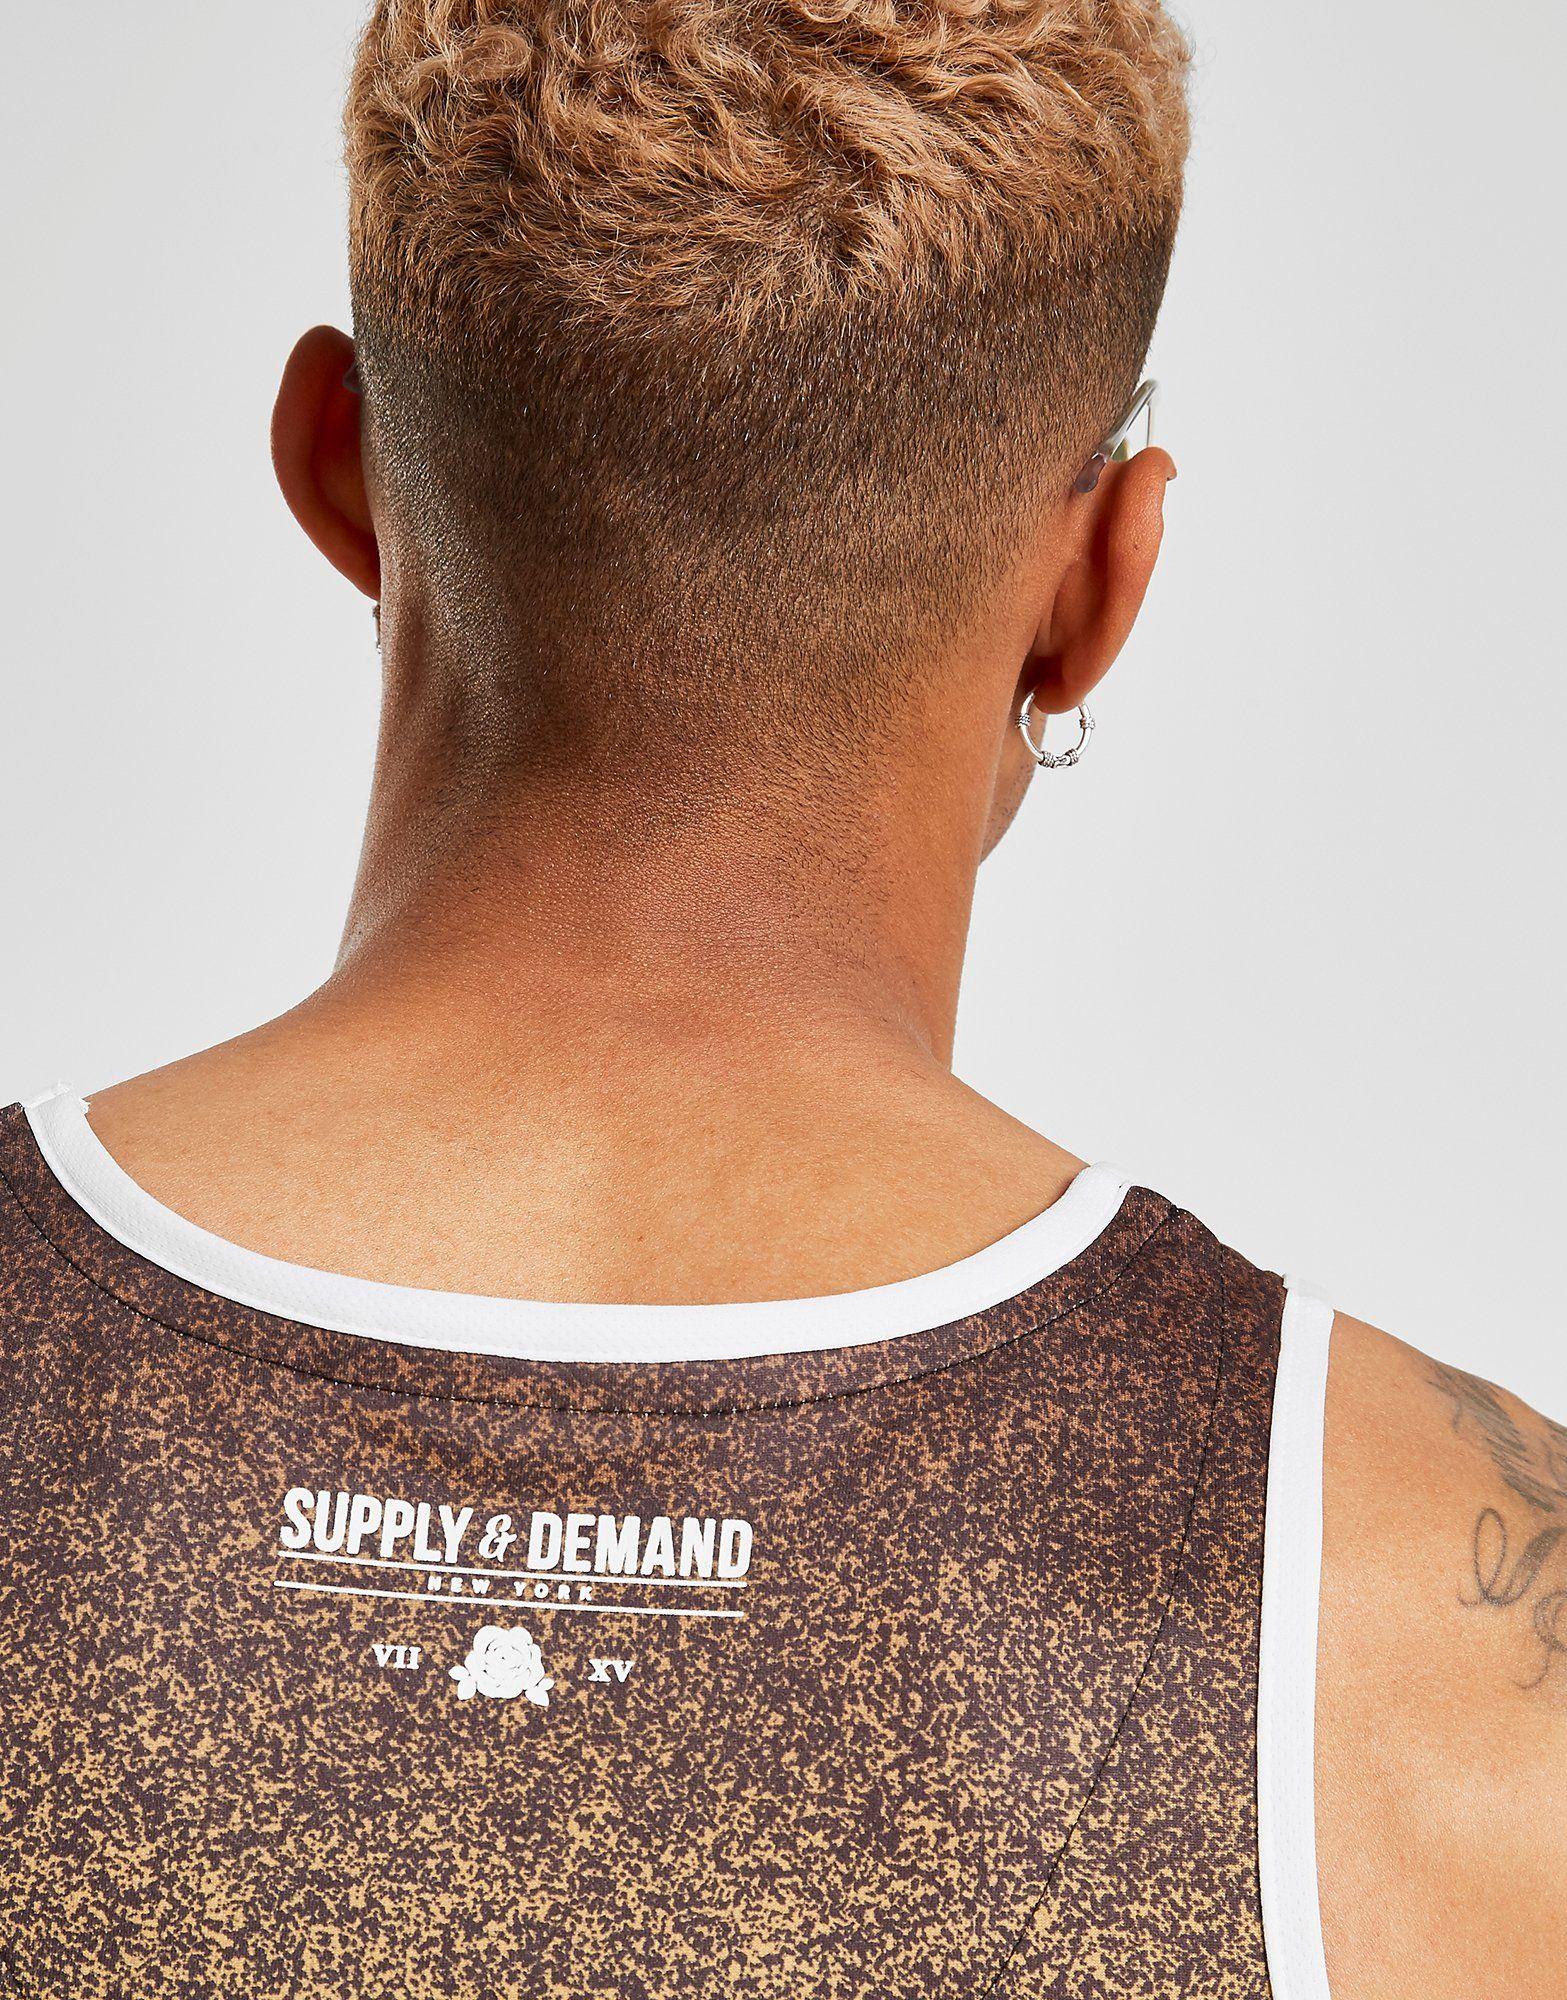 Supply & Demand Despeckled Vest